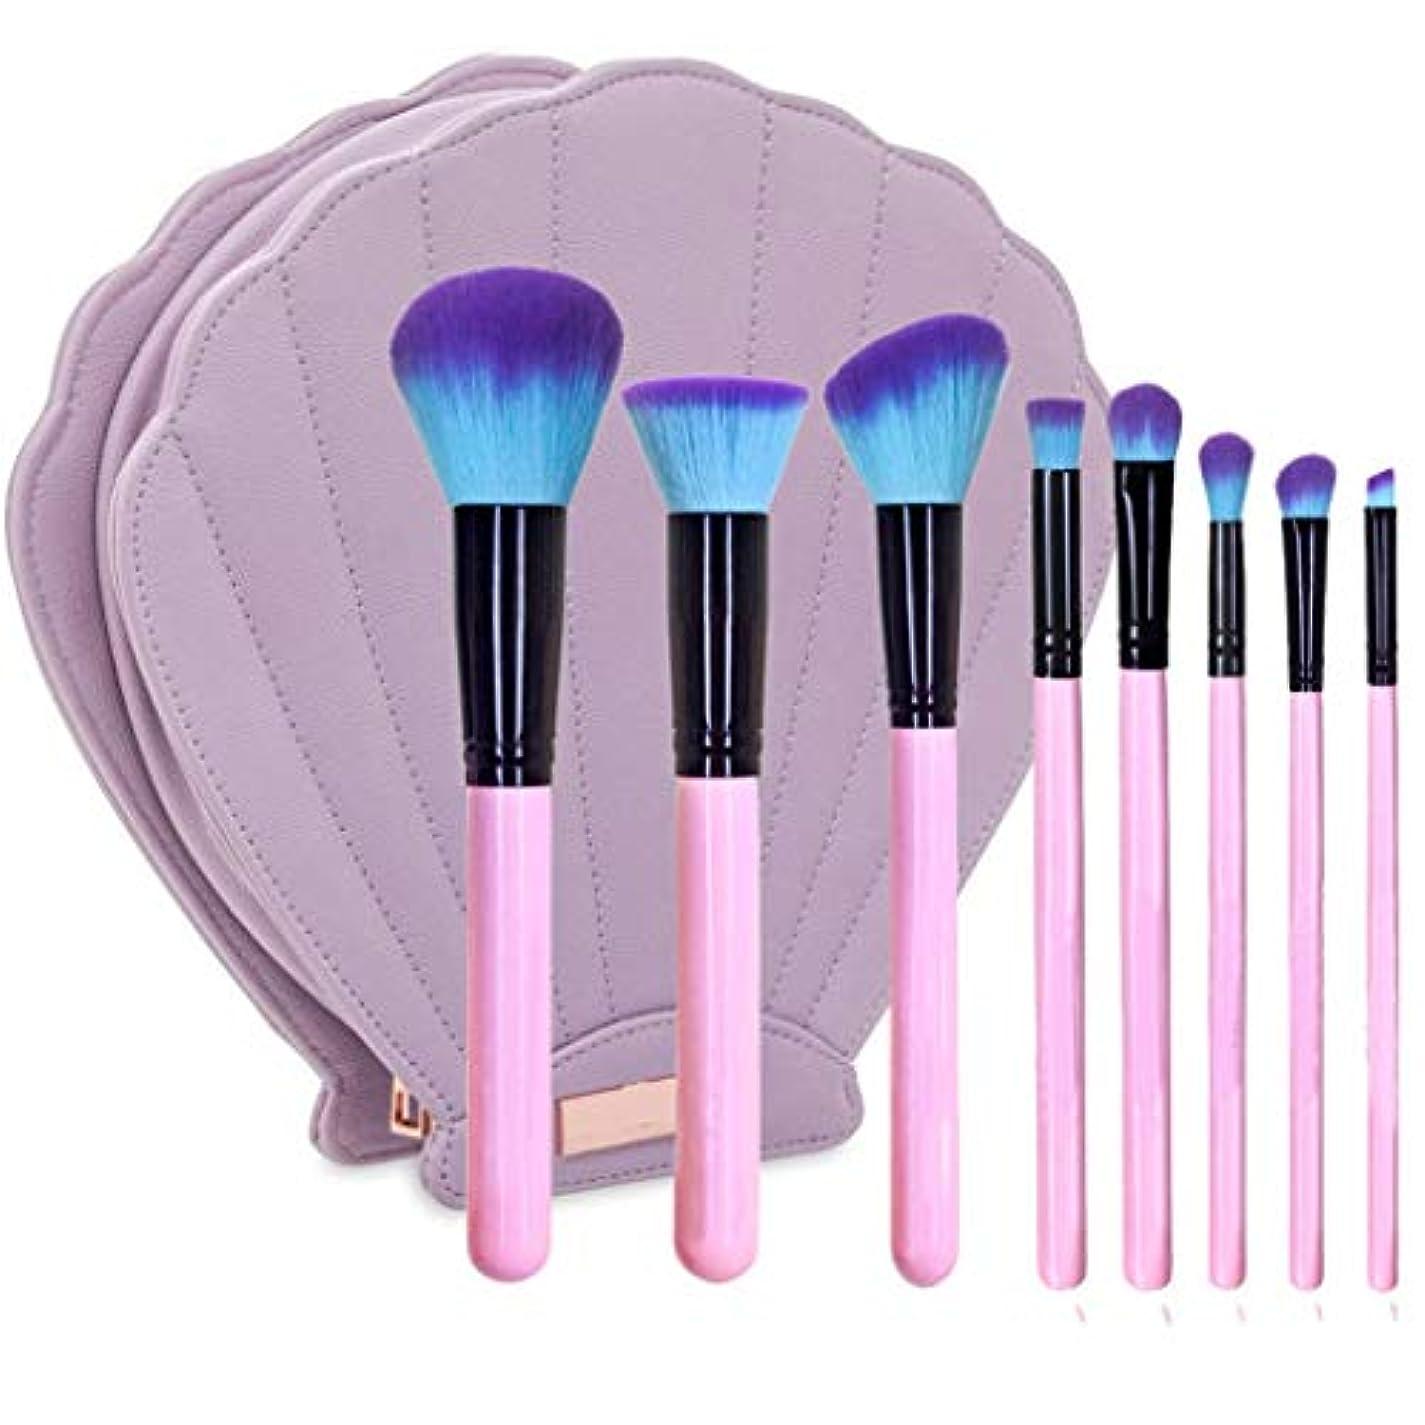 役に立たない肯定的感度10シェルバッグ化粧ブラシブルーパープルジッパーバッグセットフルセットの化粧道具,Pink